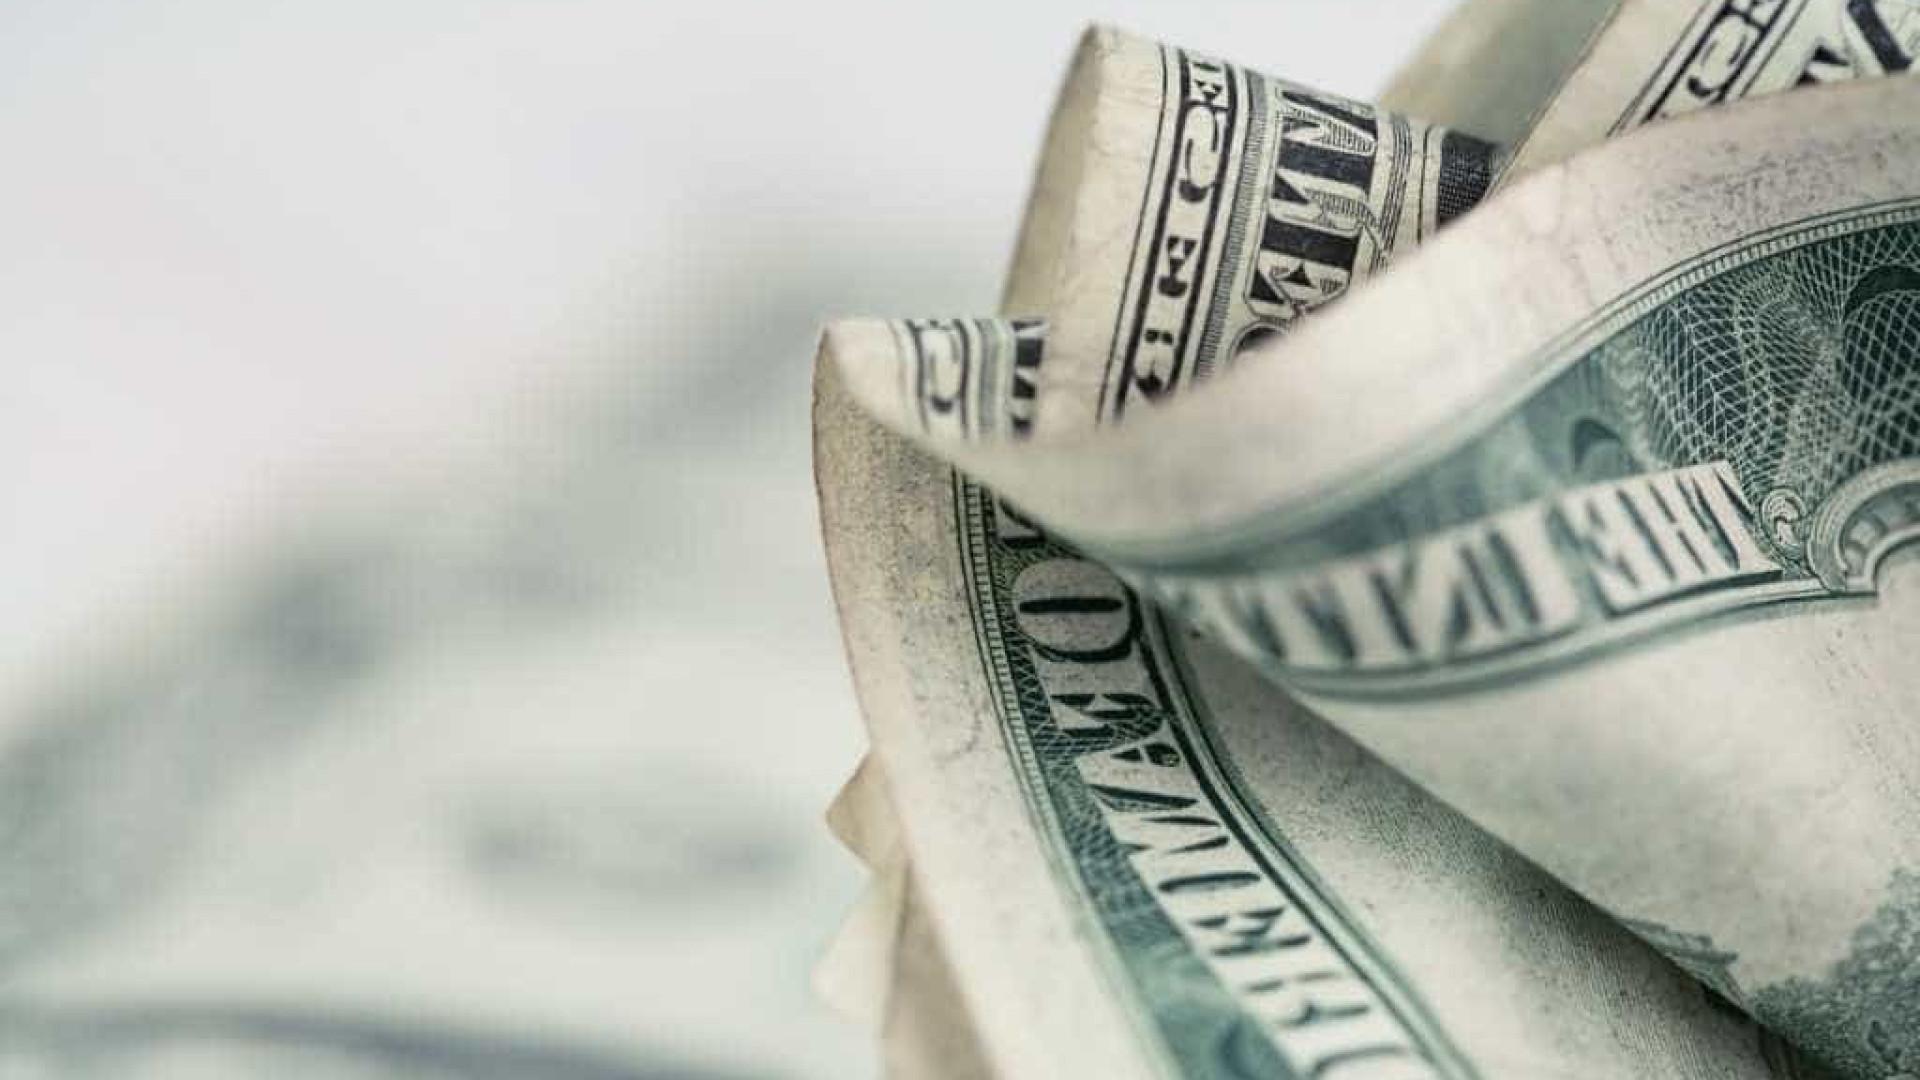 Mercado mantém expectativa de inflação em 4,01% e dólar a R$ 3,80